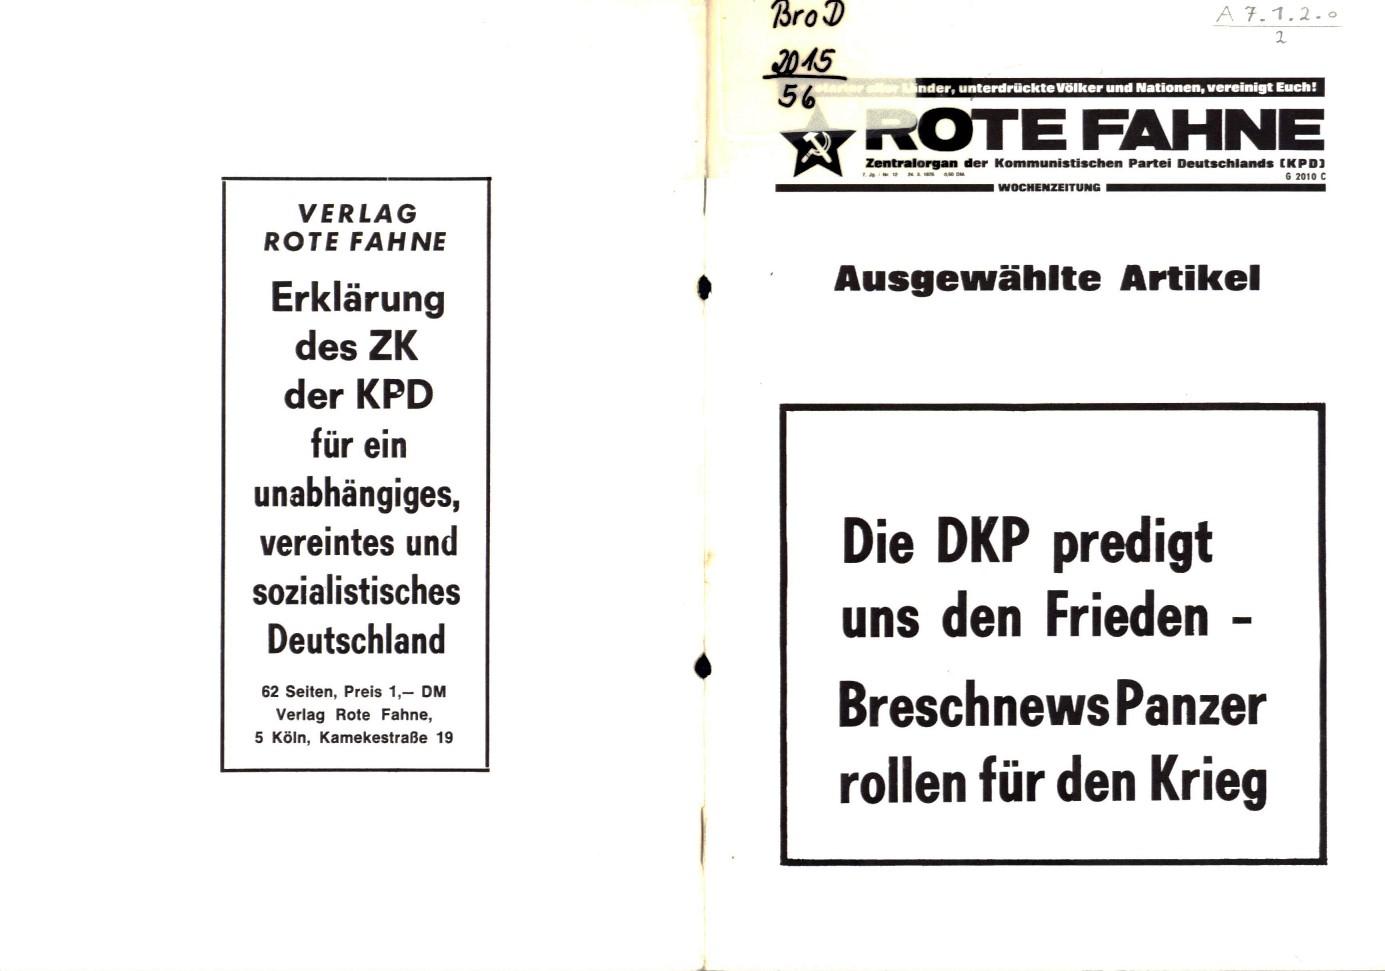 KPDAO_1976_Artikel_DKP_Breschnew_01